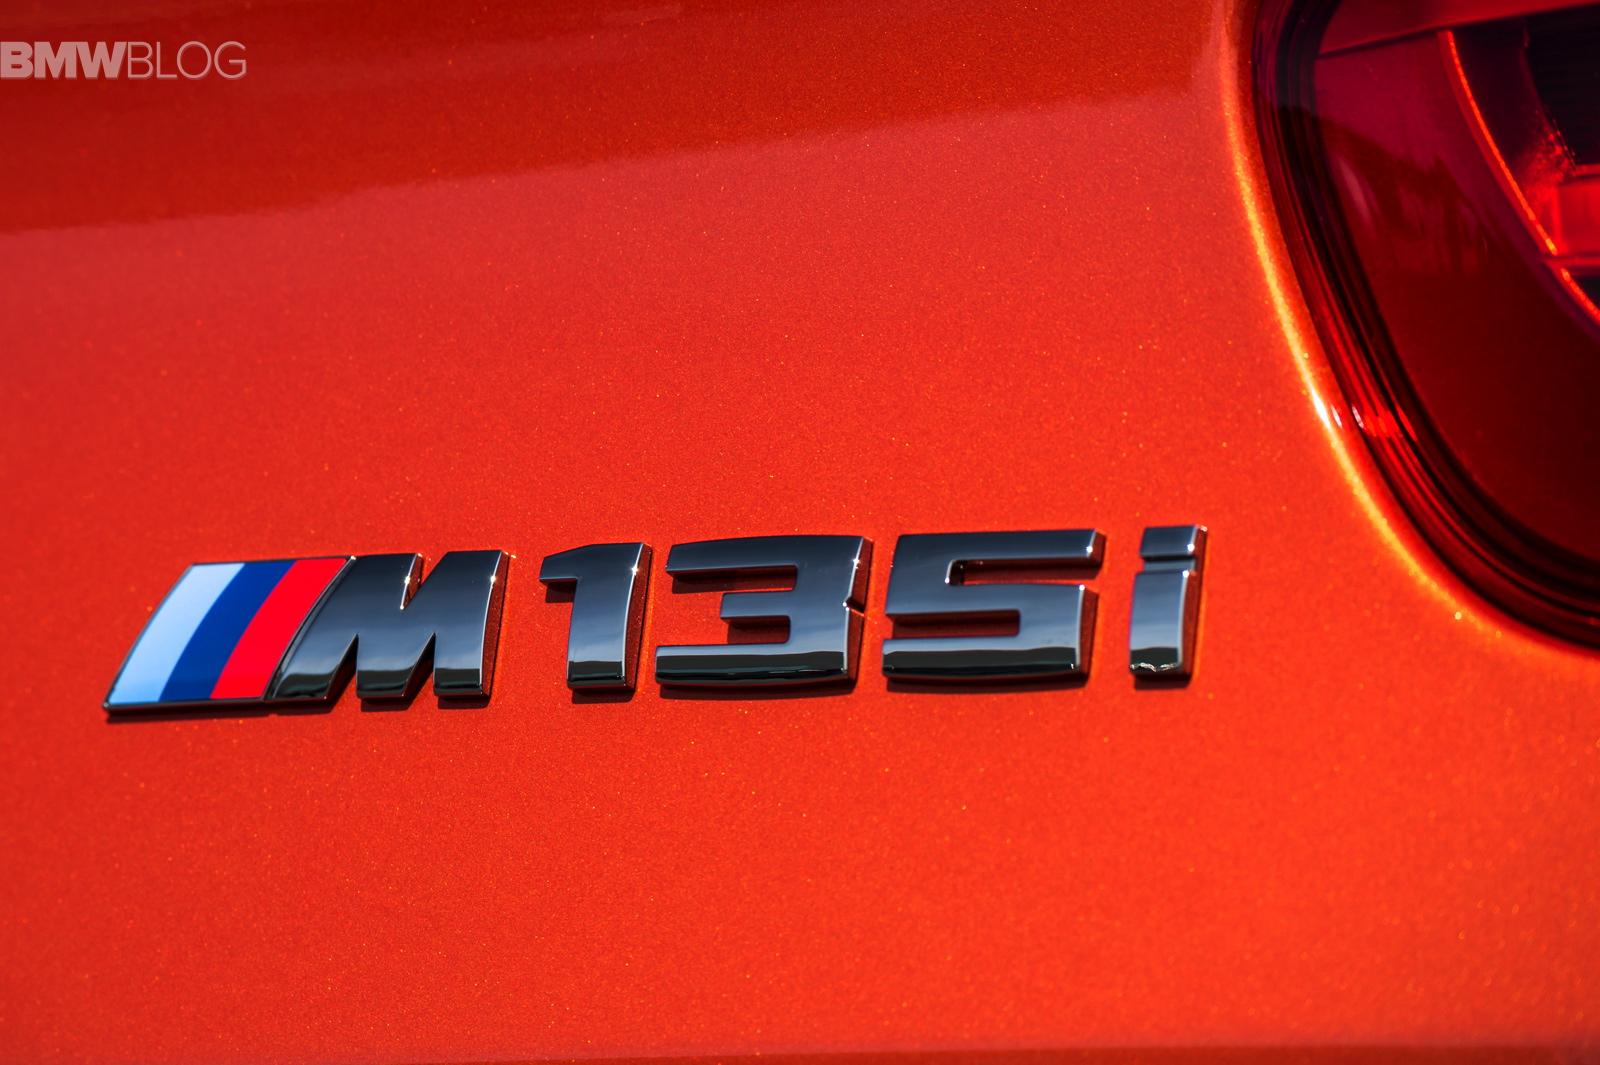 2015 bmw m135i design images 31